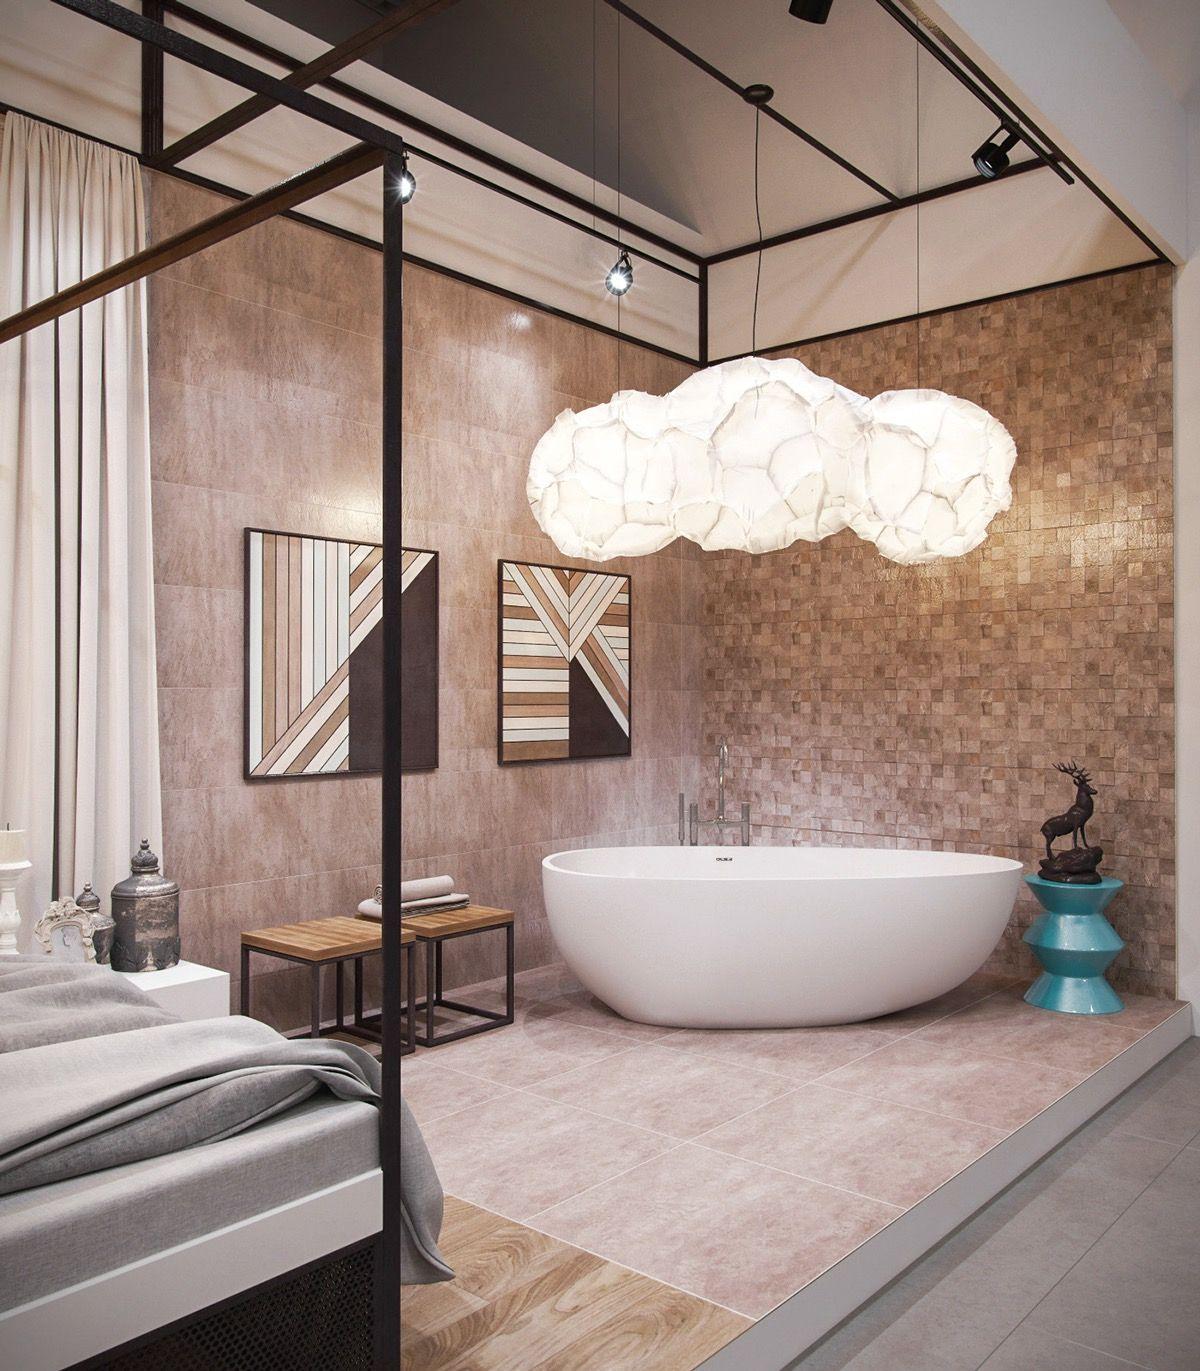 Entspannendes badezimmerdekor  badewanne ideen mit luxuriösen appeal  badezimmer